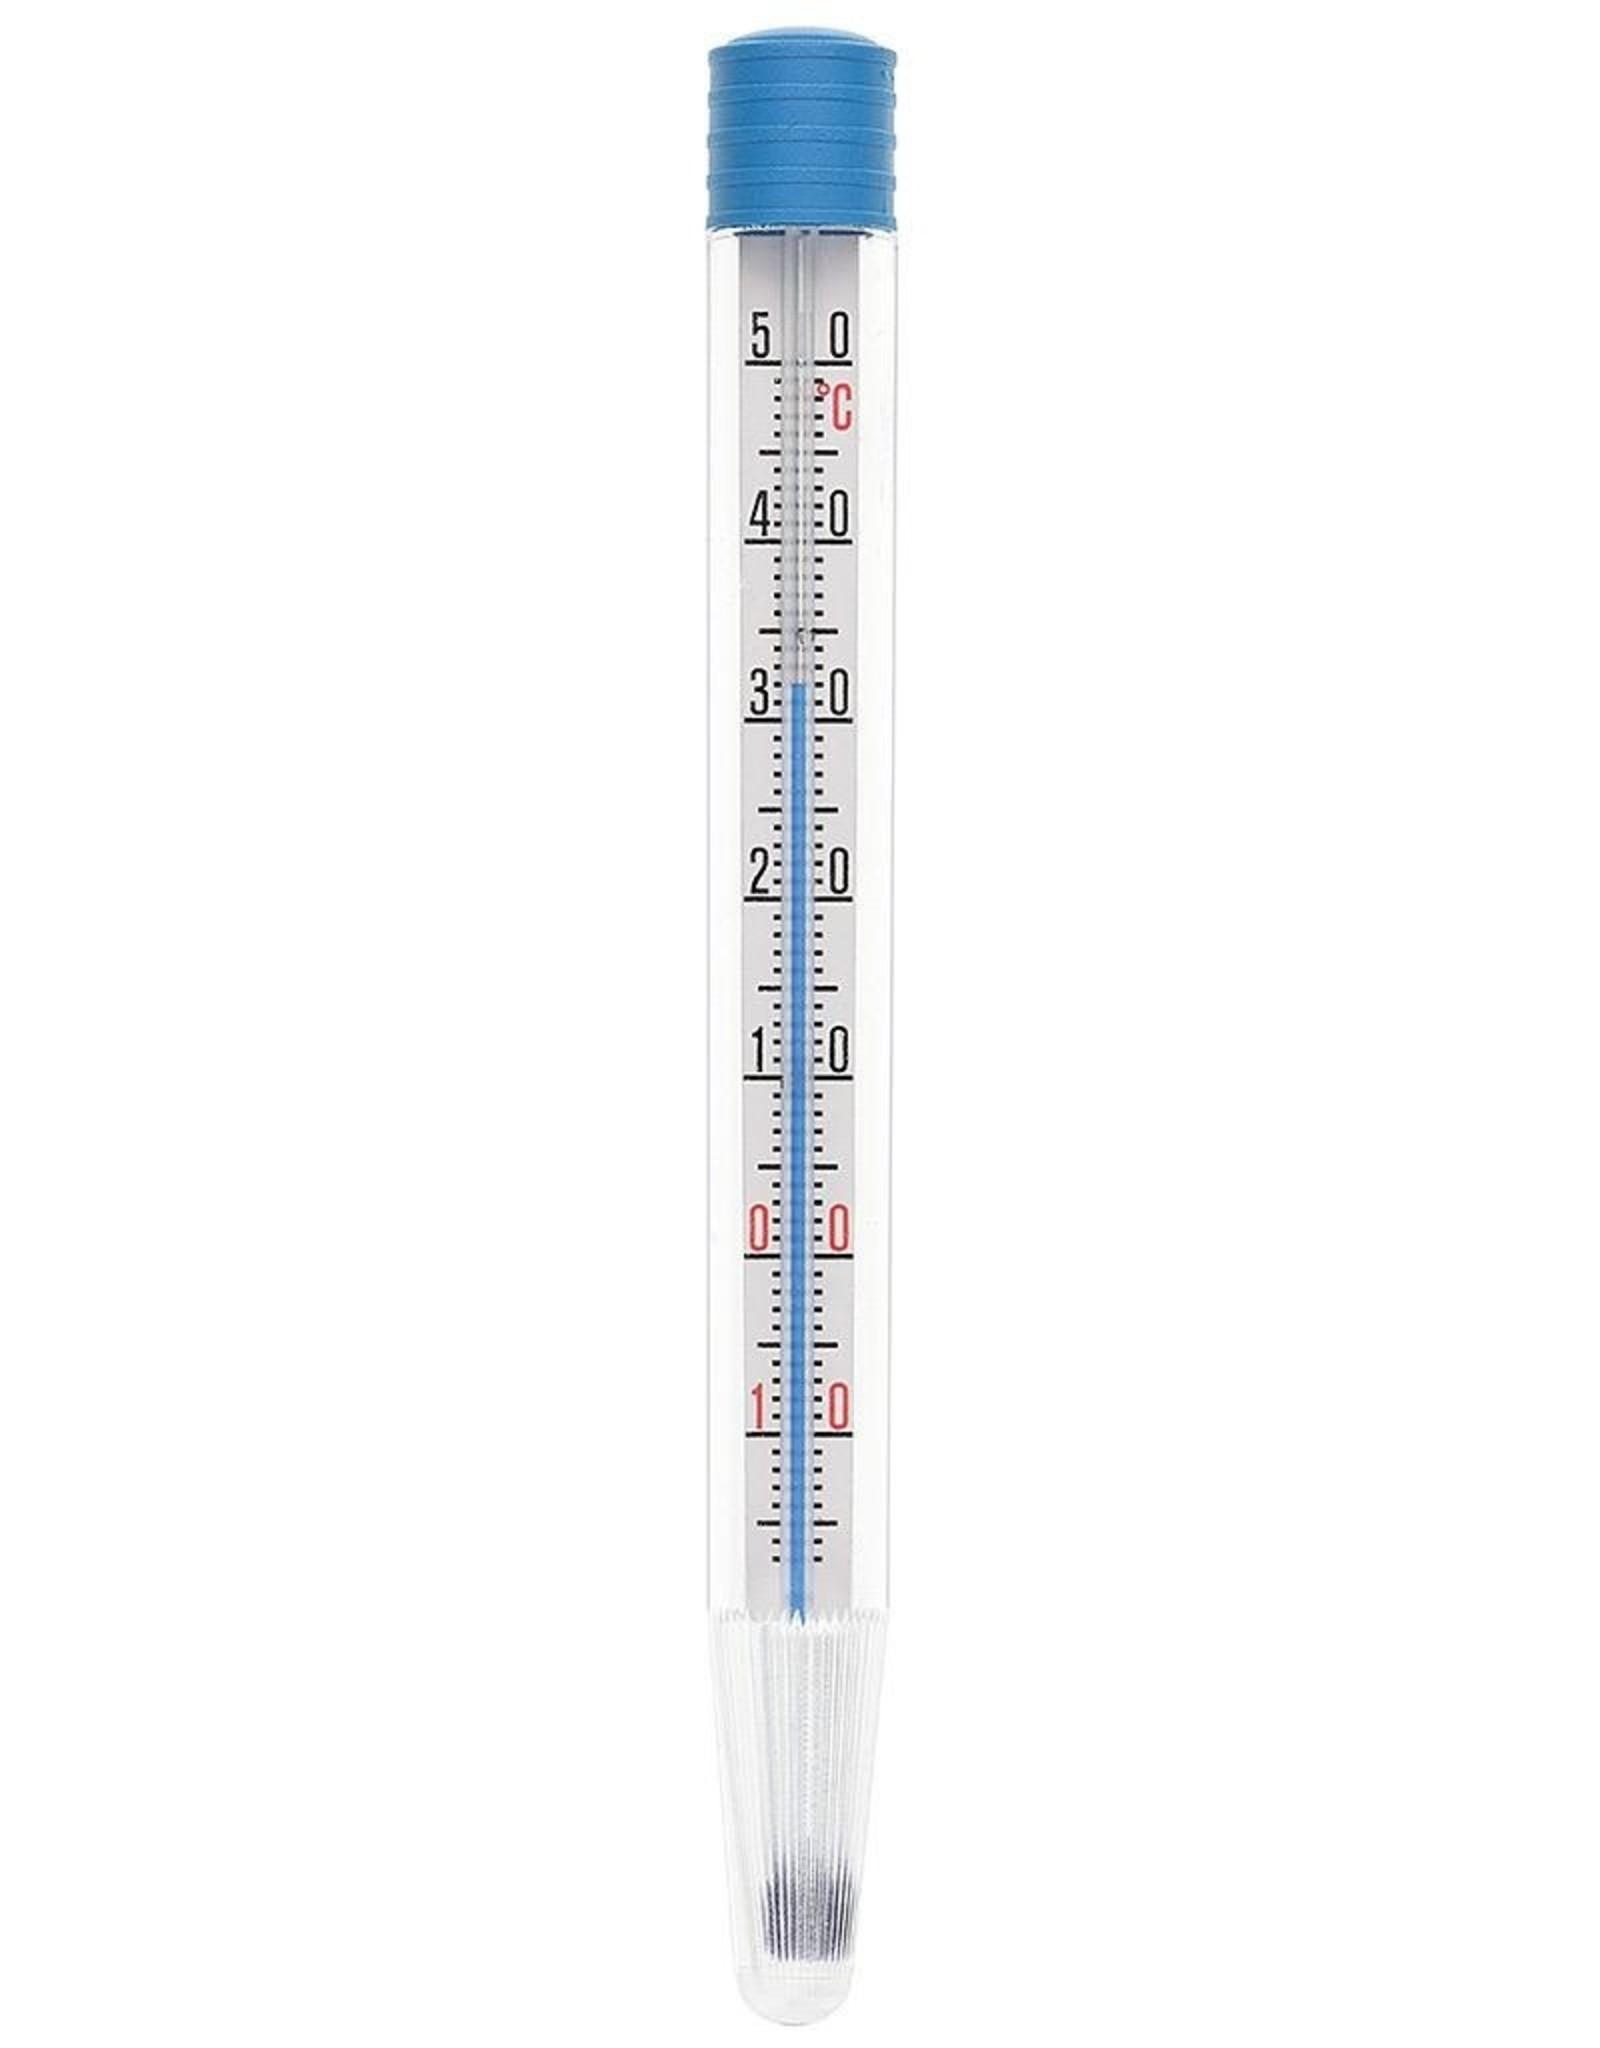 Kaiser Kaiser Developing Tank Thermometer, Plastic